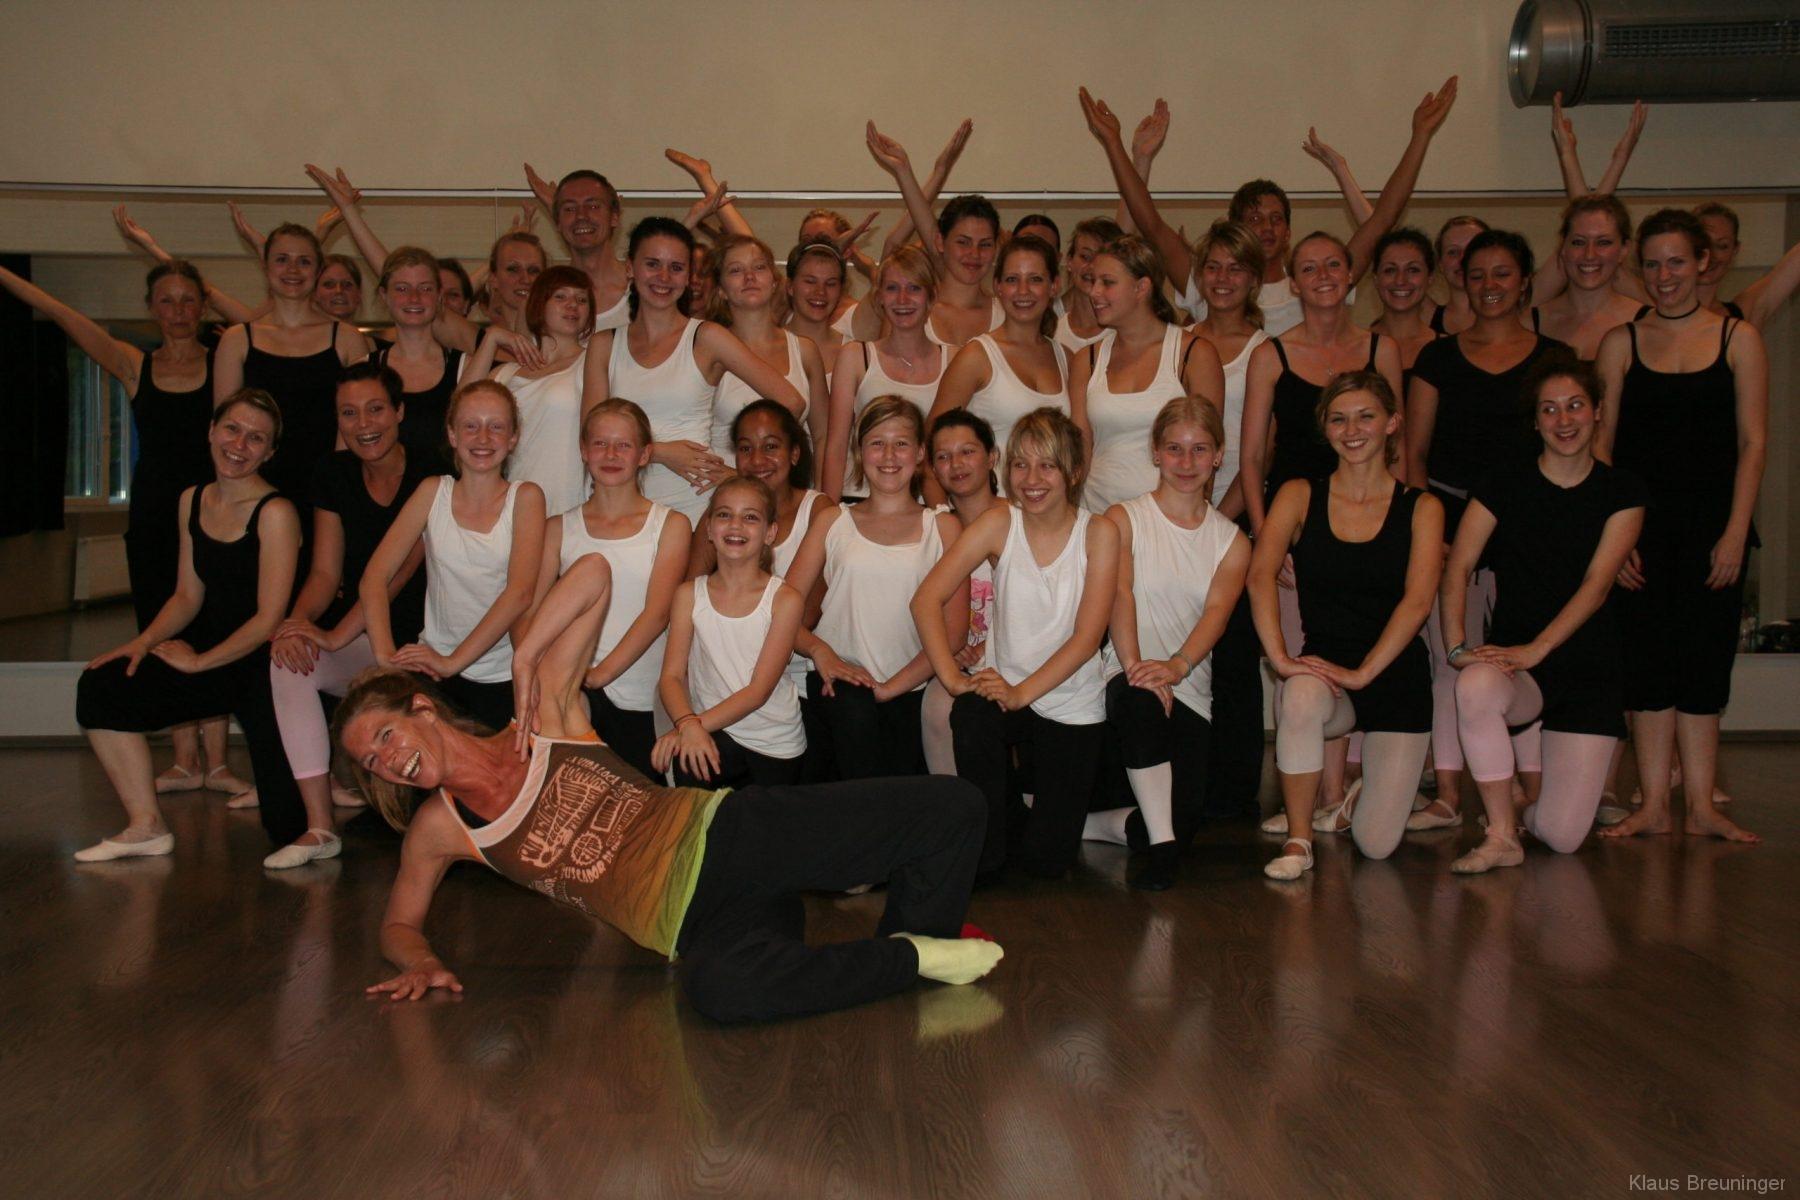 Die Tänzer*innen der New York City Dance School